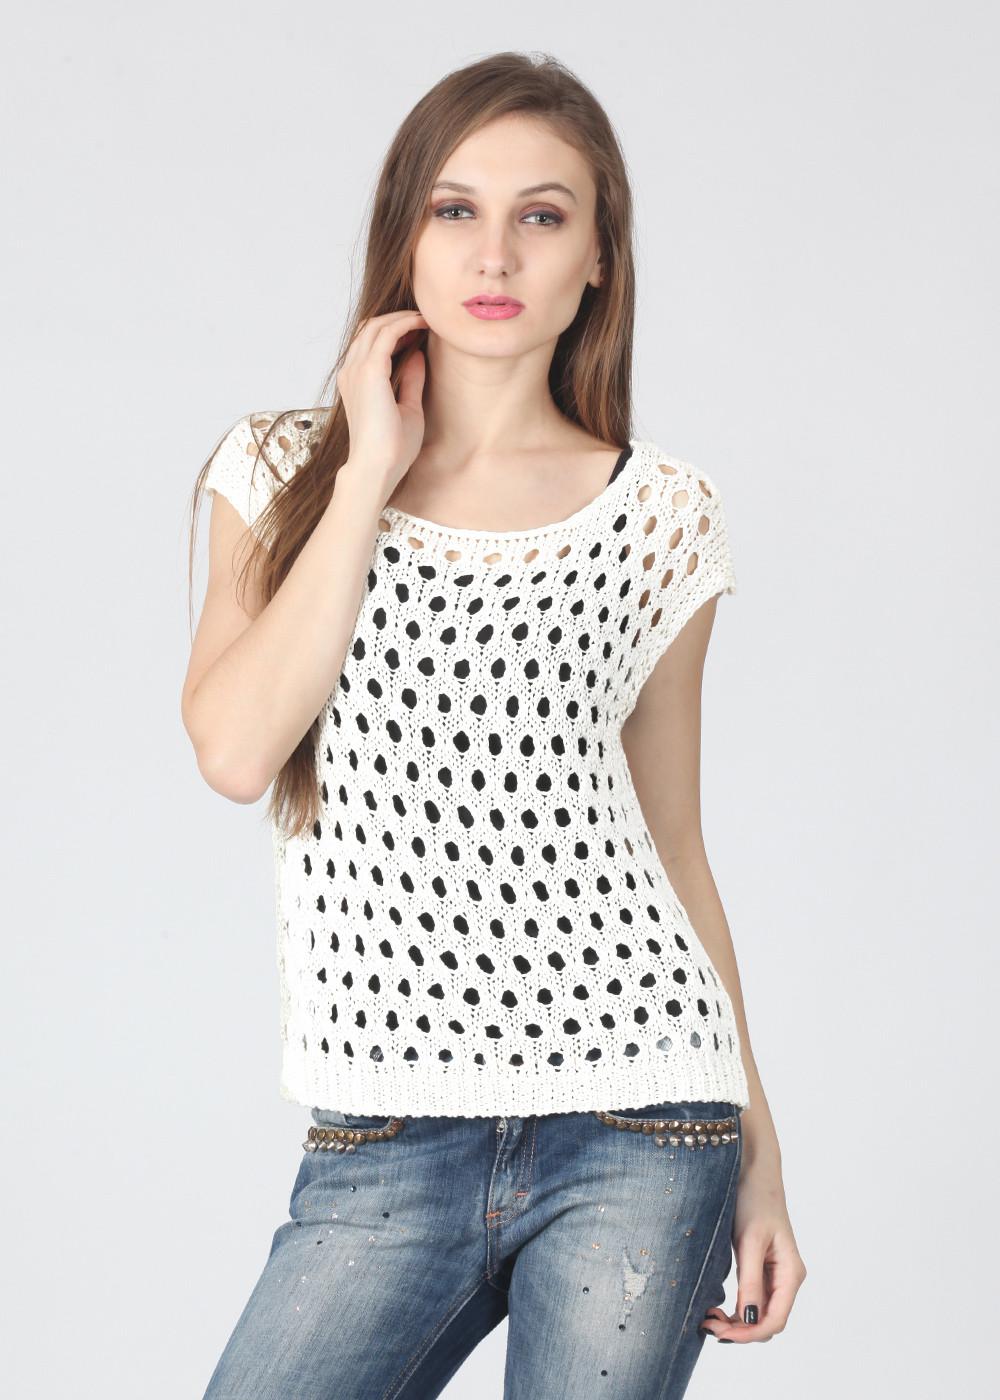 bec87f7d9bf Winter   Seasonal Wear Price in India. Buy Winter   Seasonal Wear ...